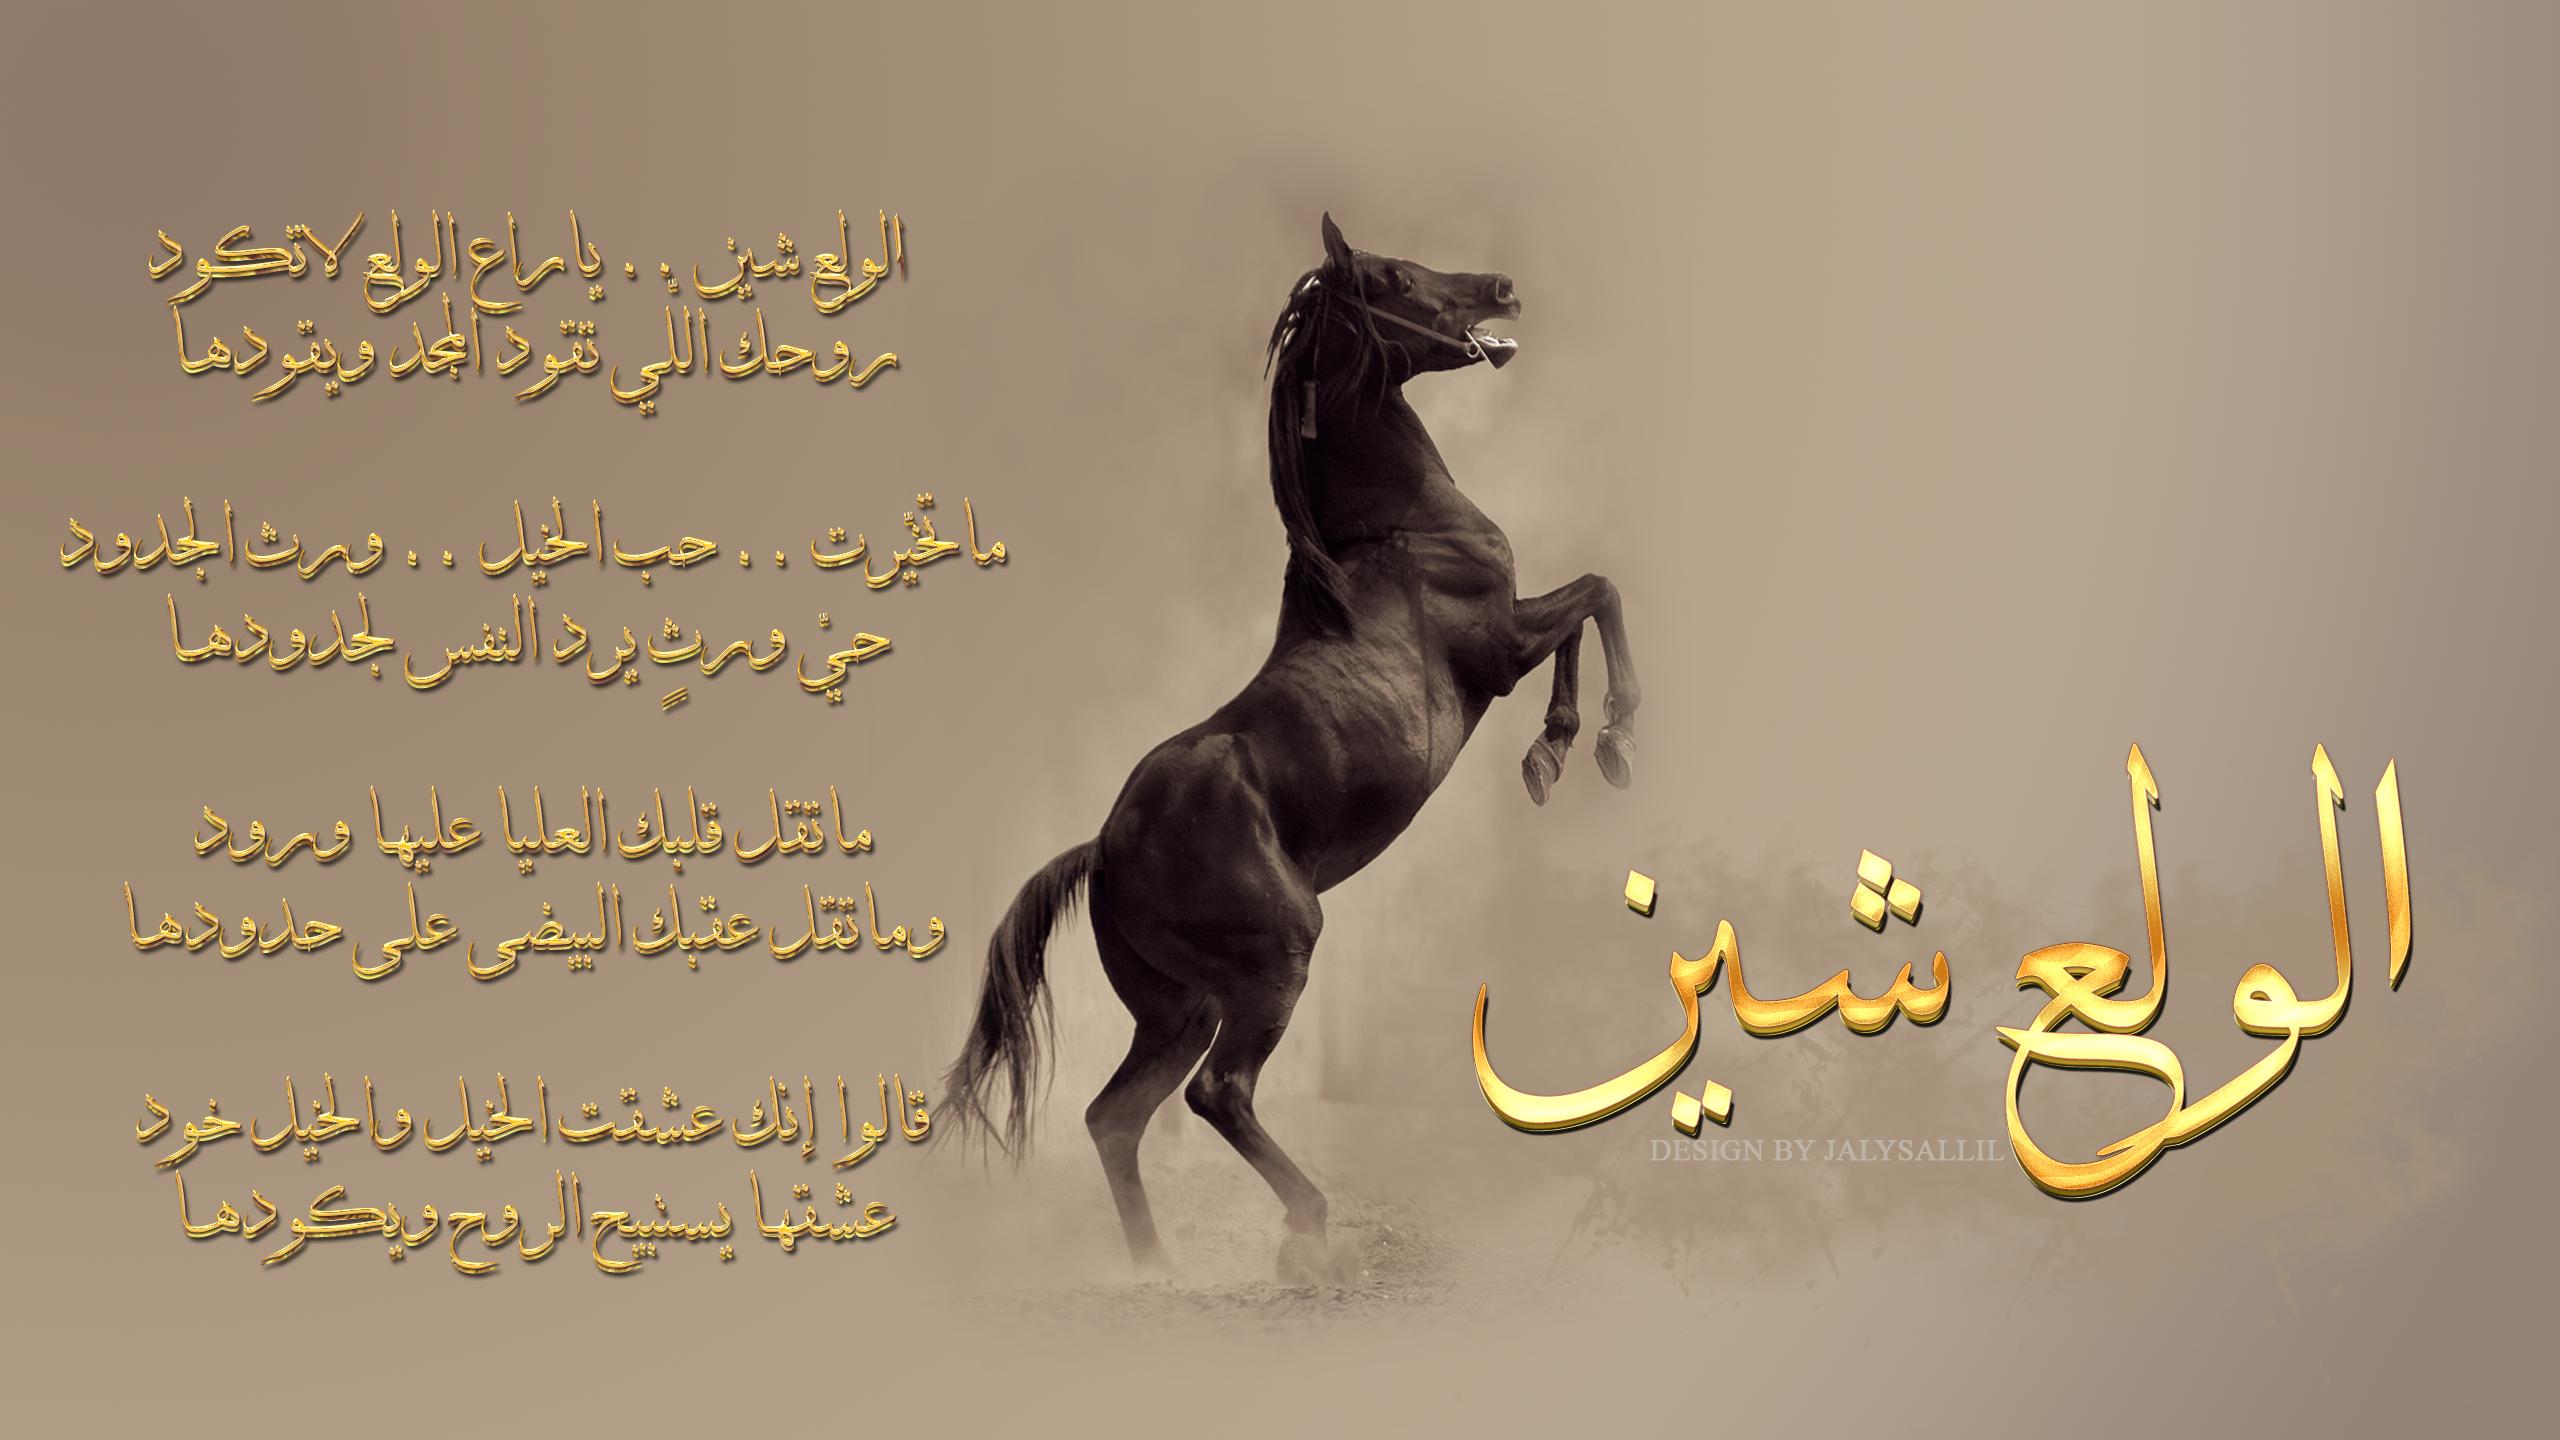 تصميم خلفية لقصيدة الولع شين